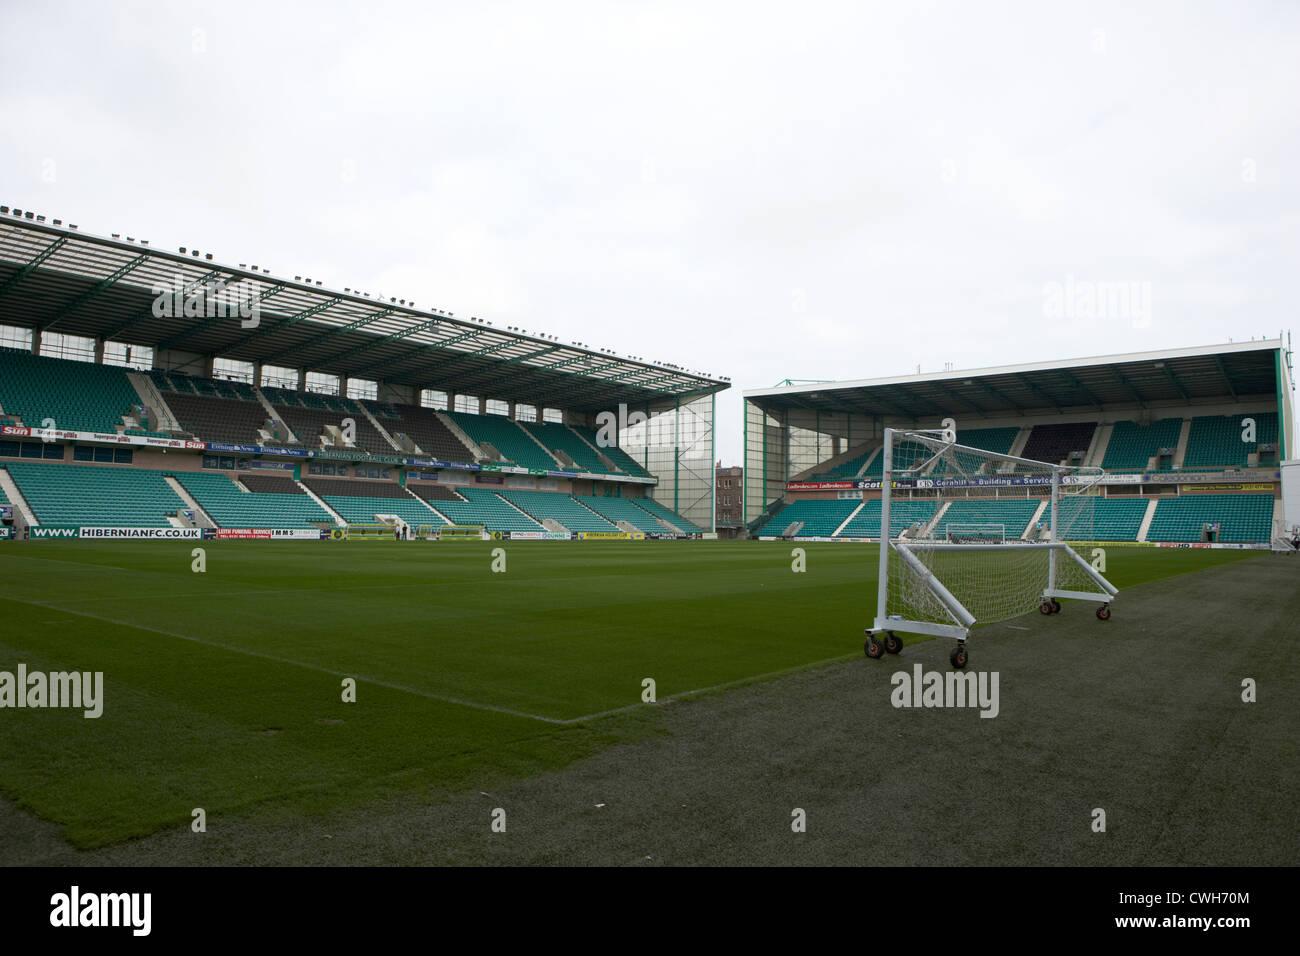 easter road football stadium hibernian football club edinburgh, scotland, uk, united kingdom - Stock Image